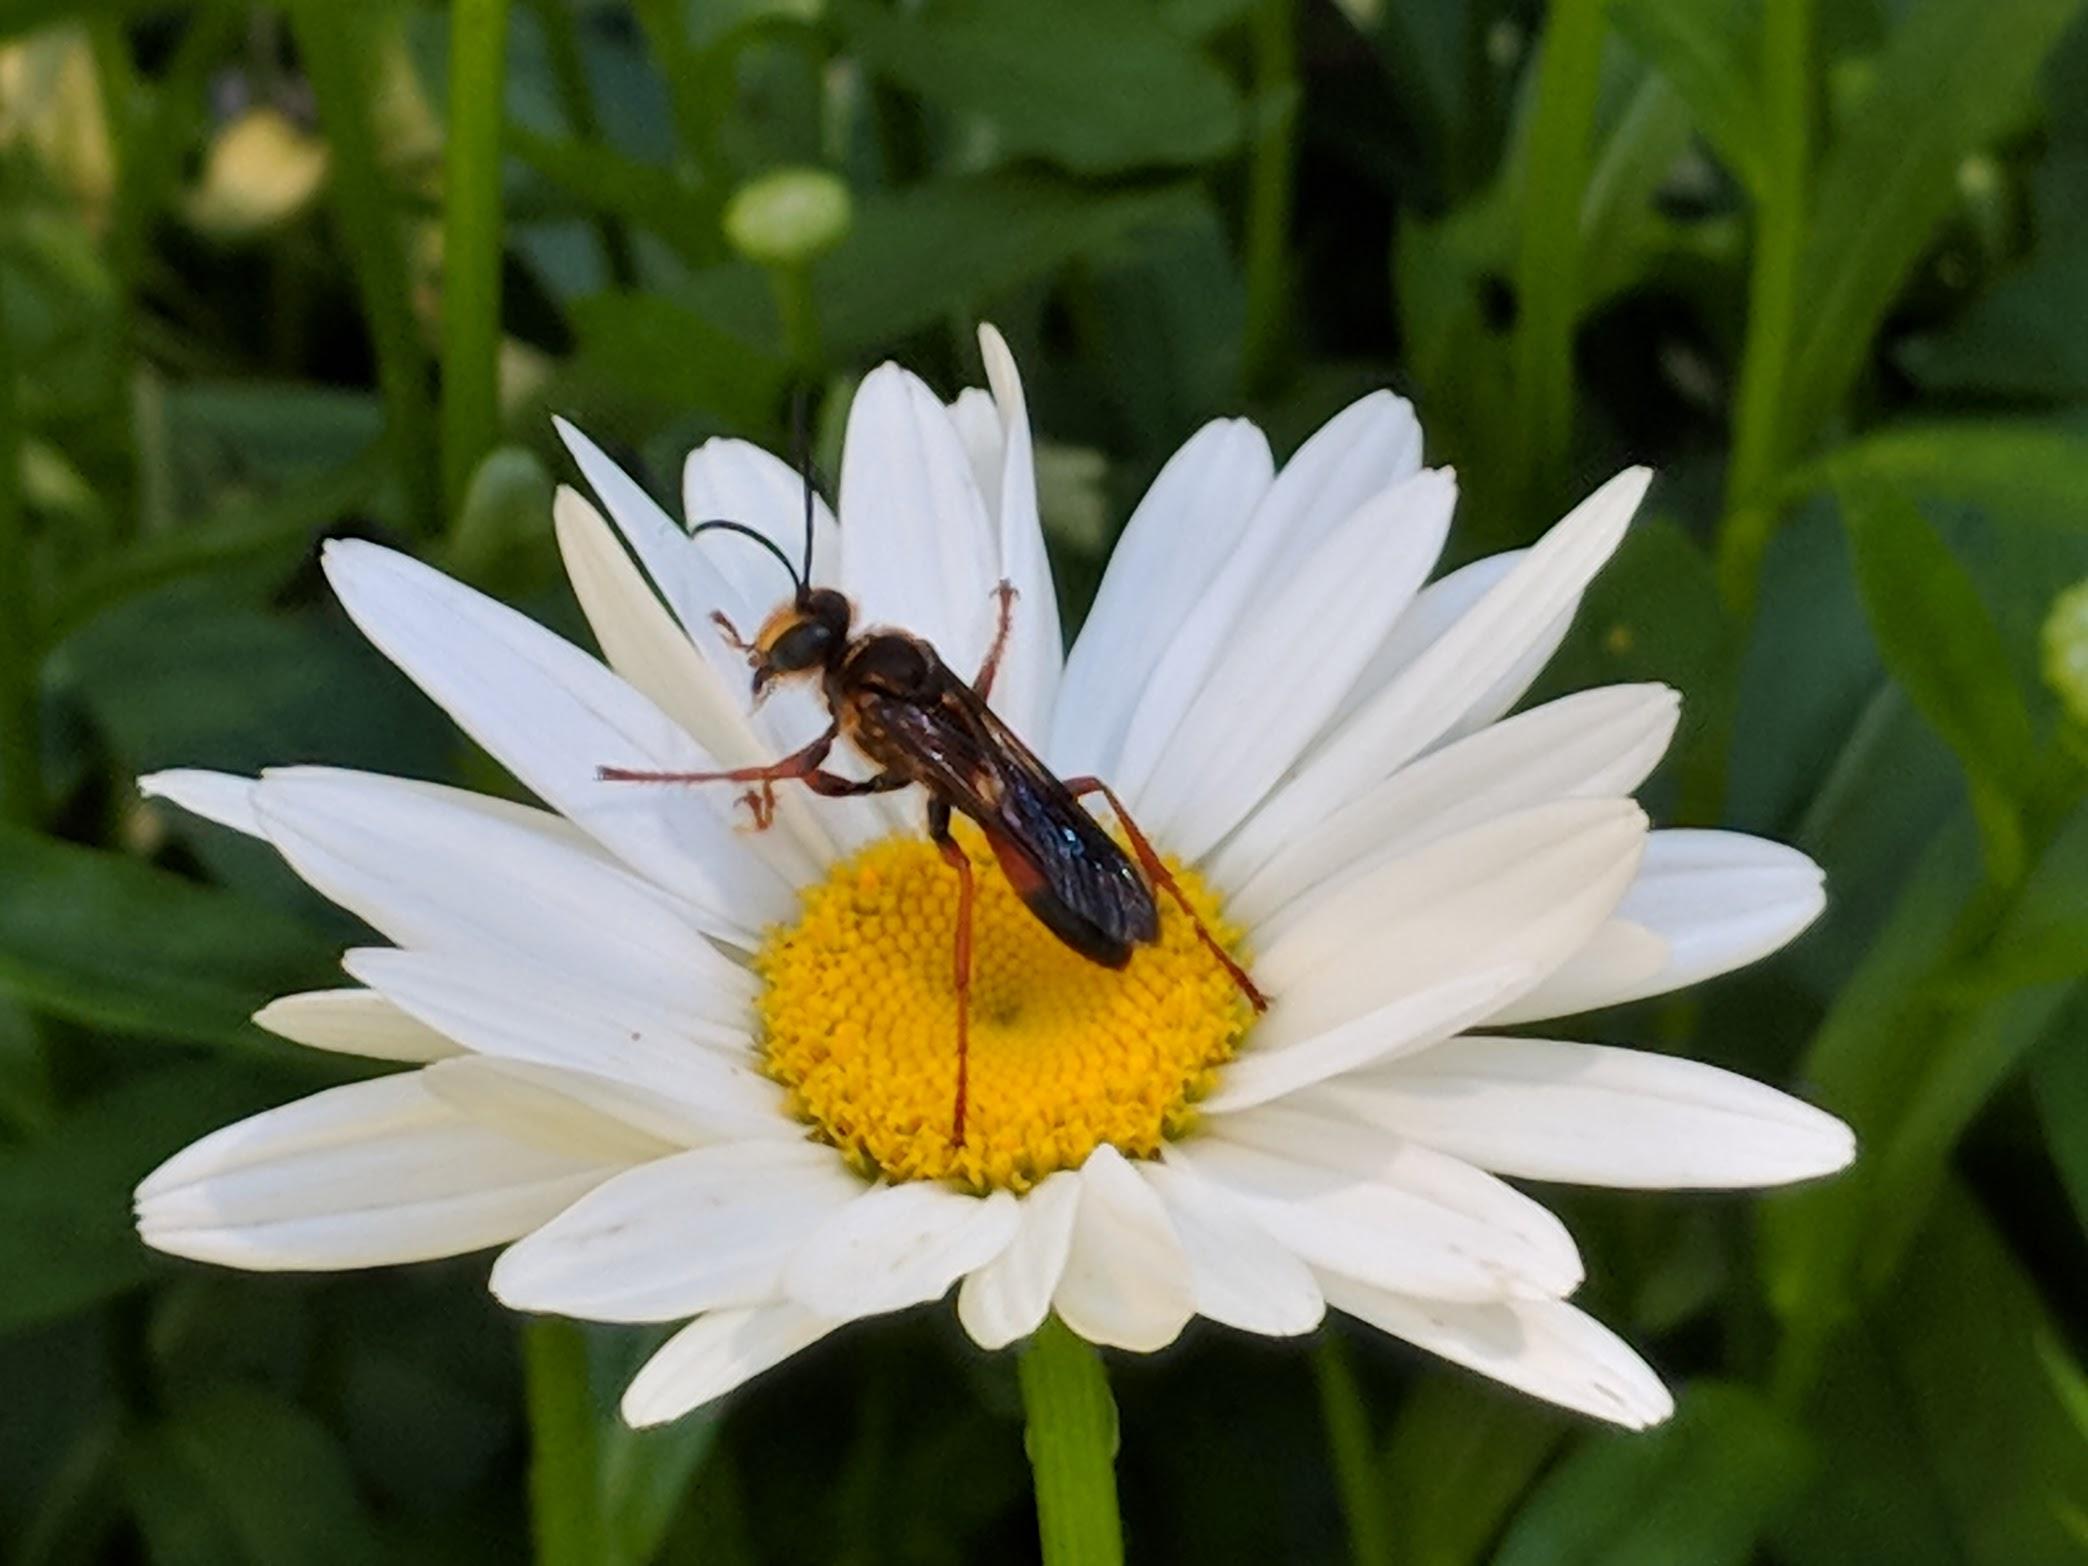 2018-07-09_daisy-wasp.jpg